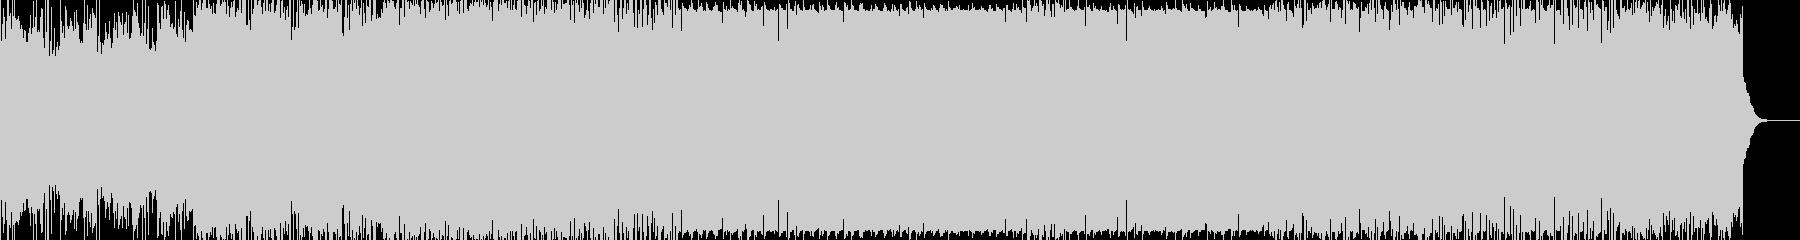 枯葉舞い落ちるイメージのデジタルサウンドの未再生の波形